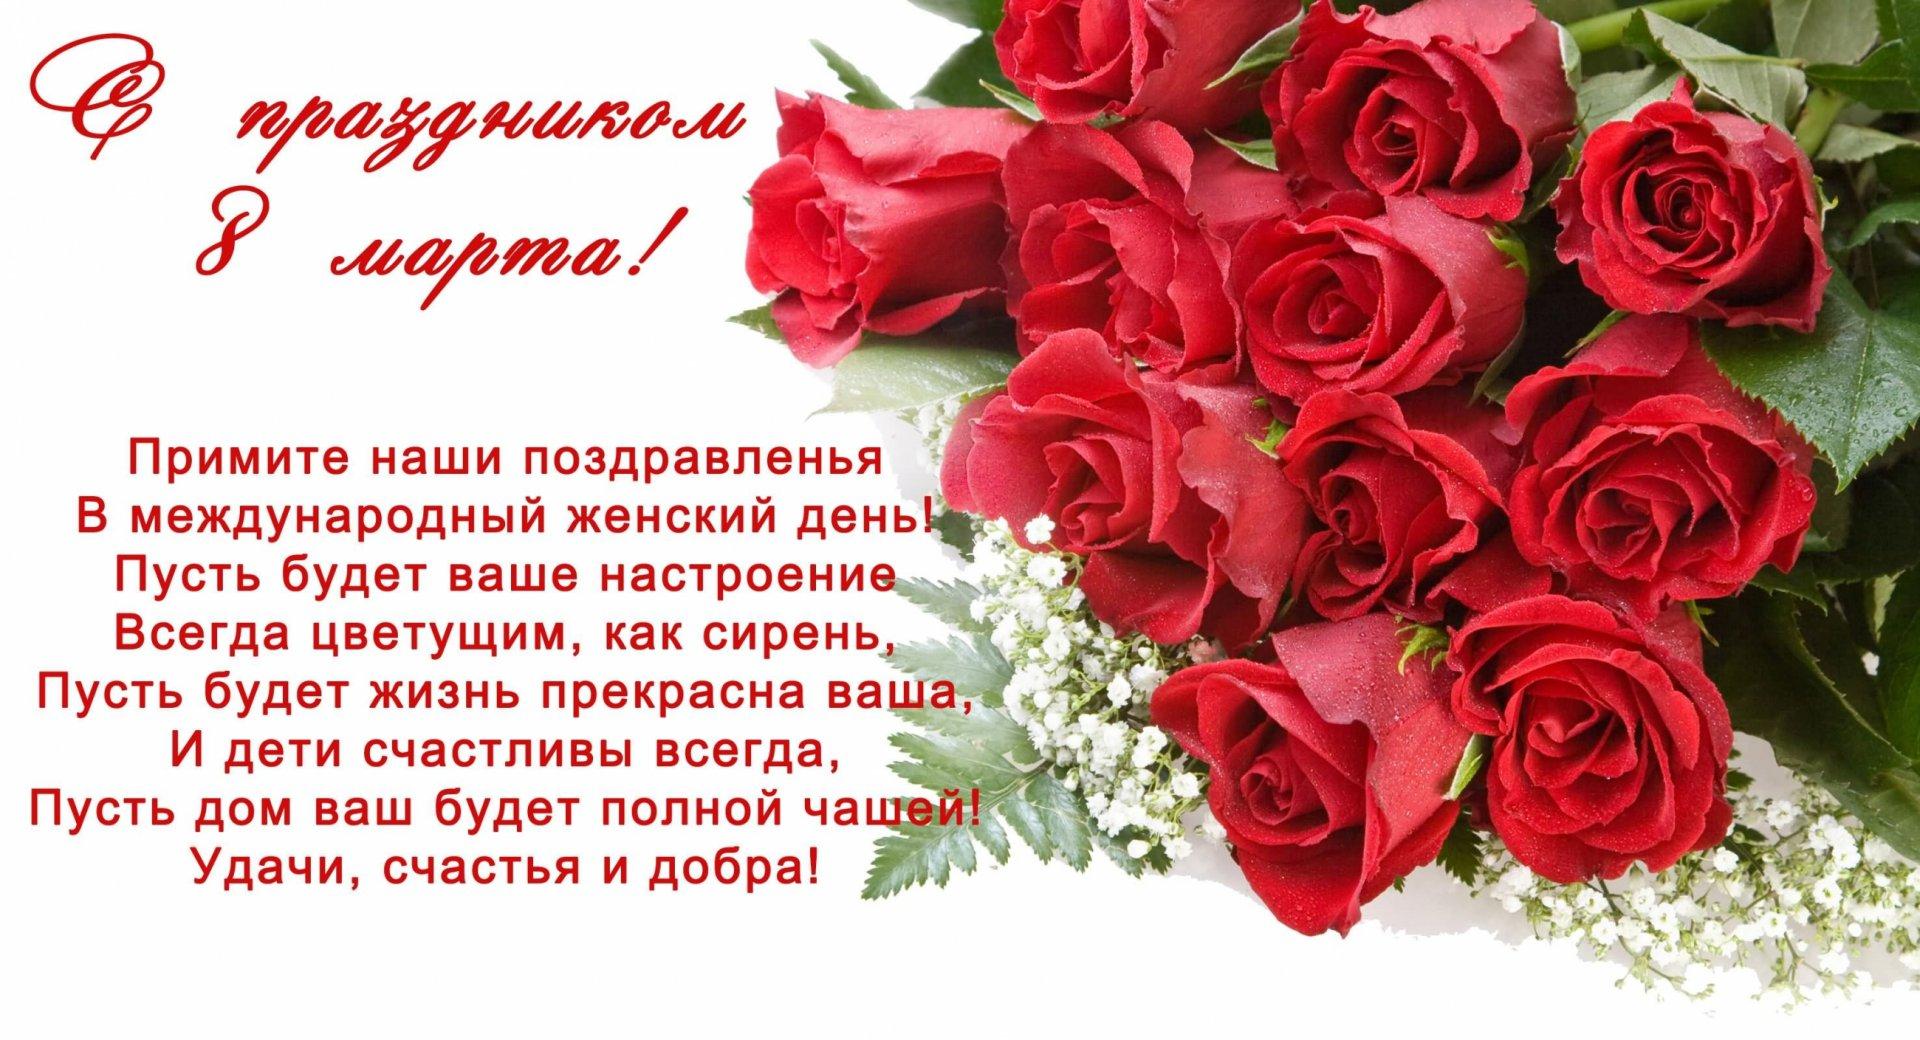 Открытки поздравления с 8 марта коллегам женщинам от женщин